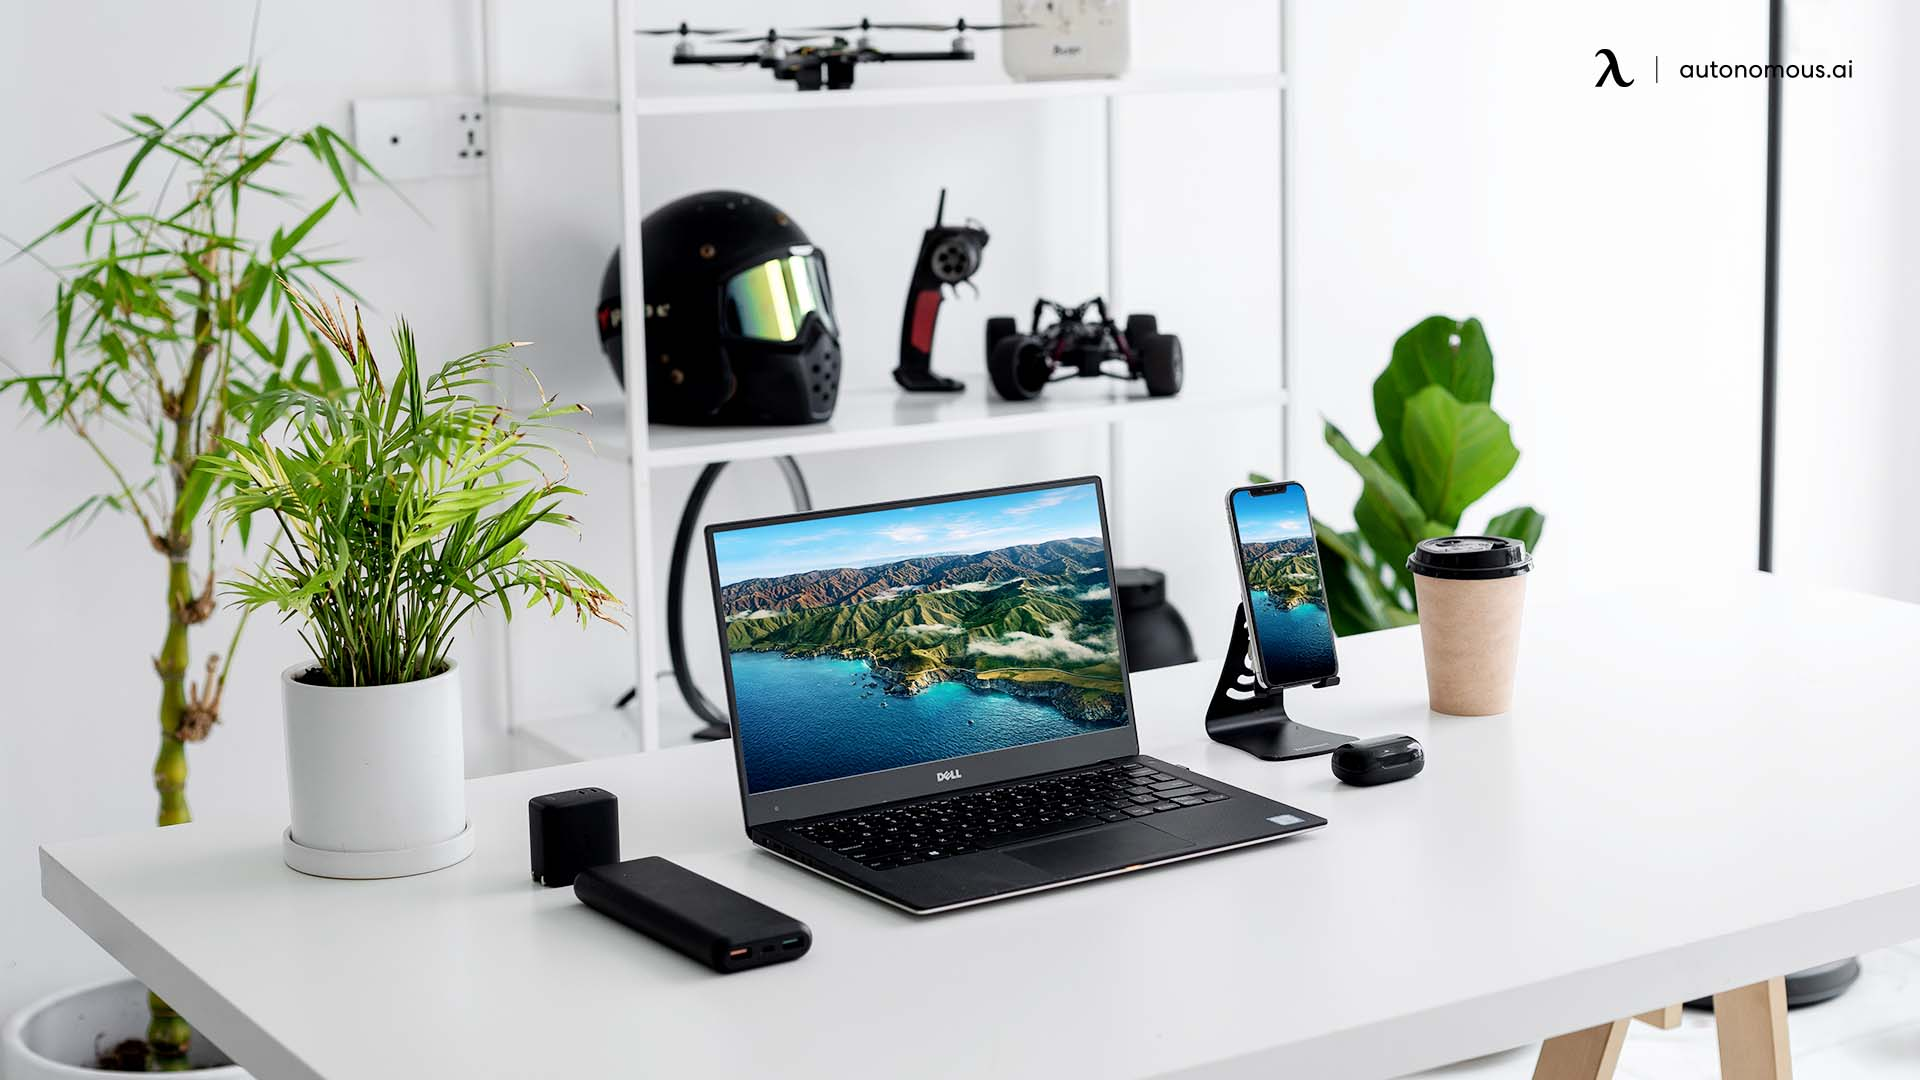 Plant-themed minimalist setup